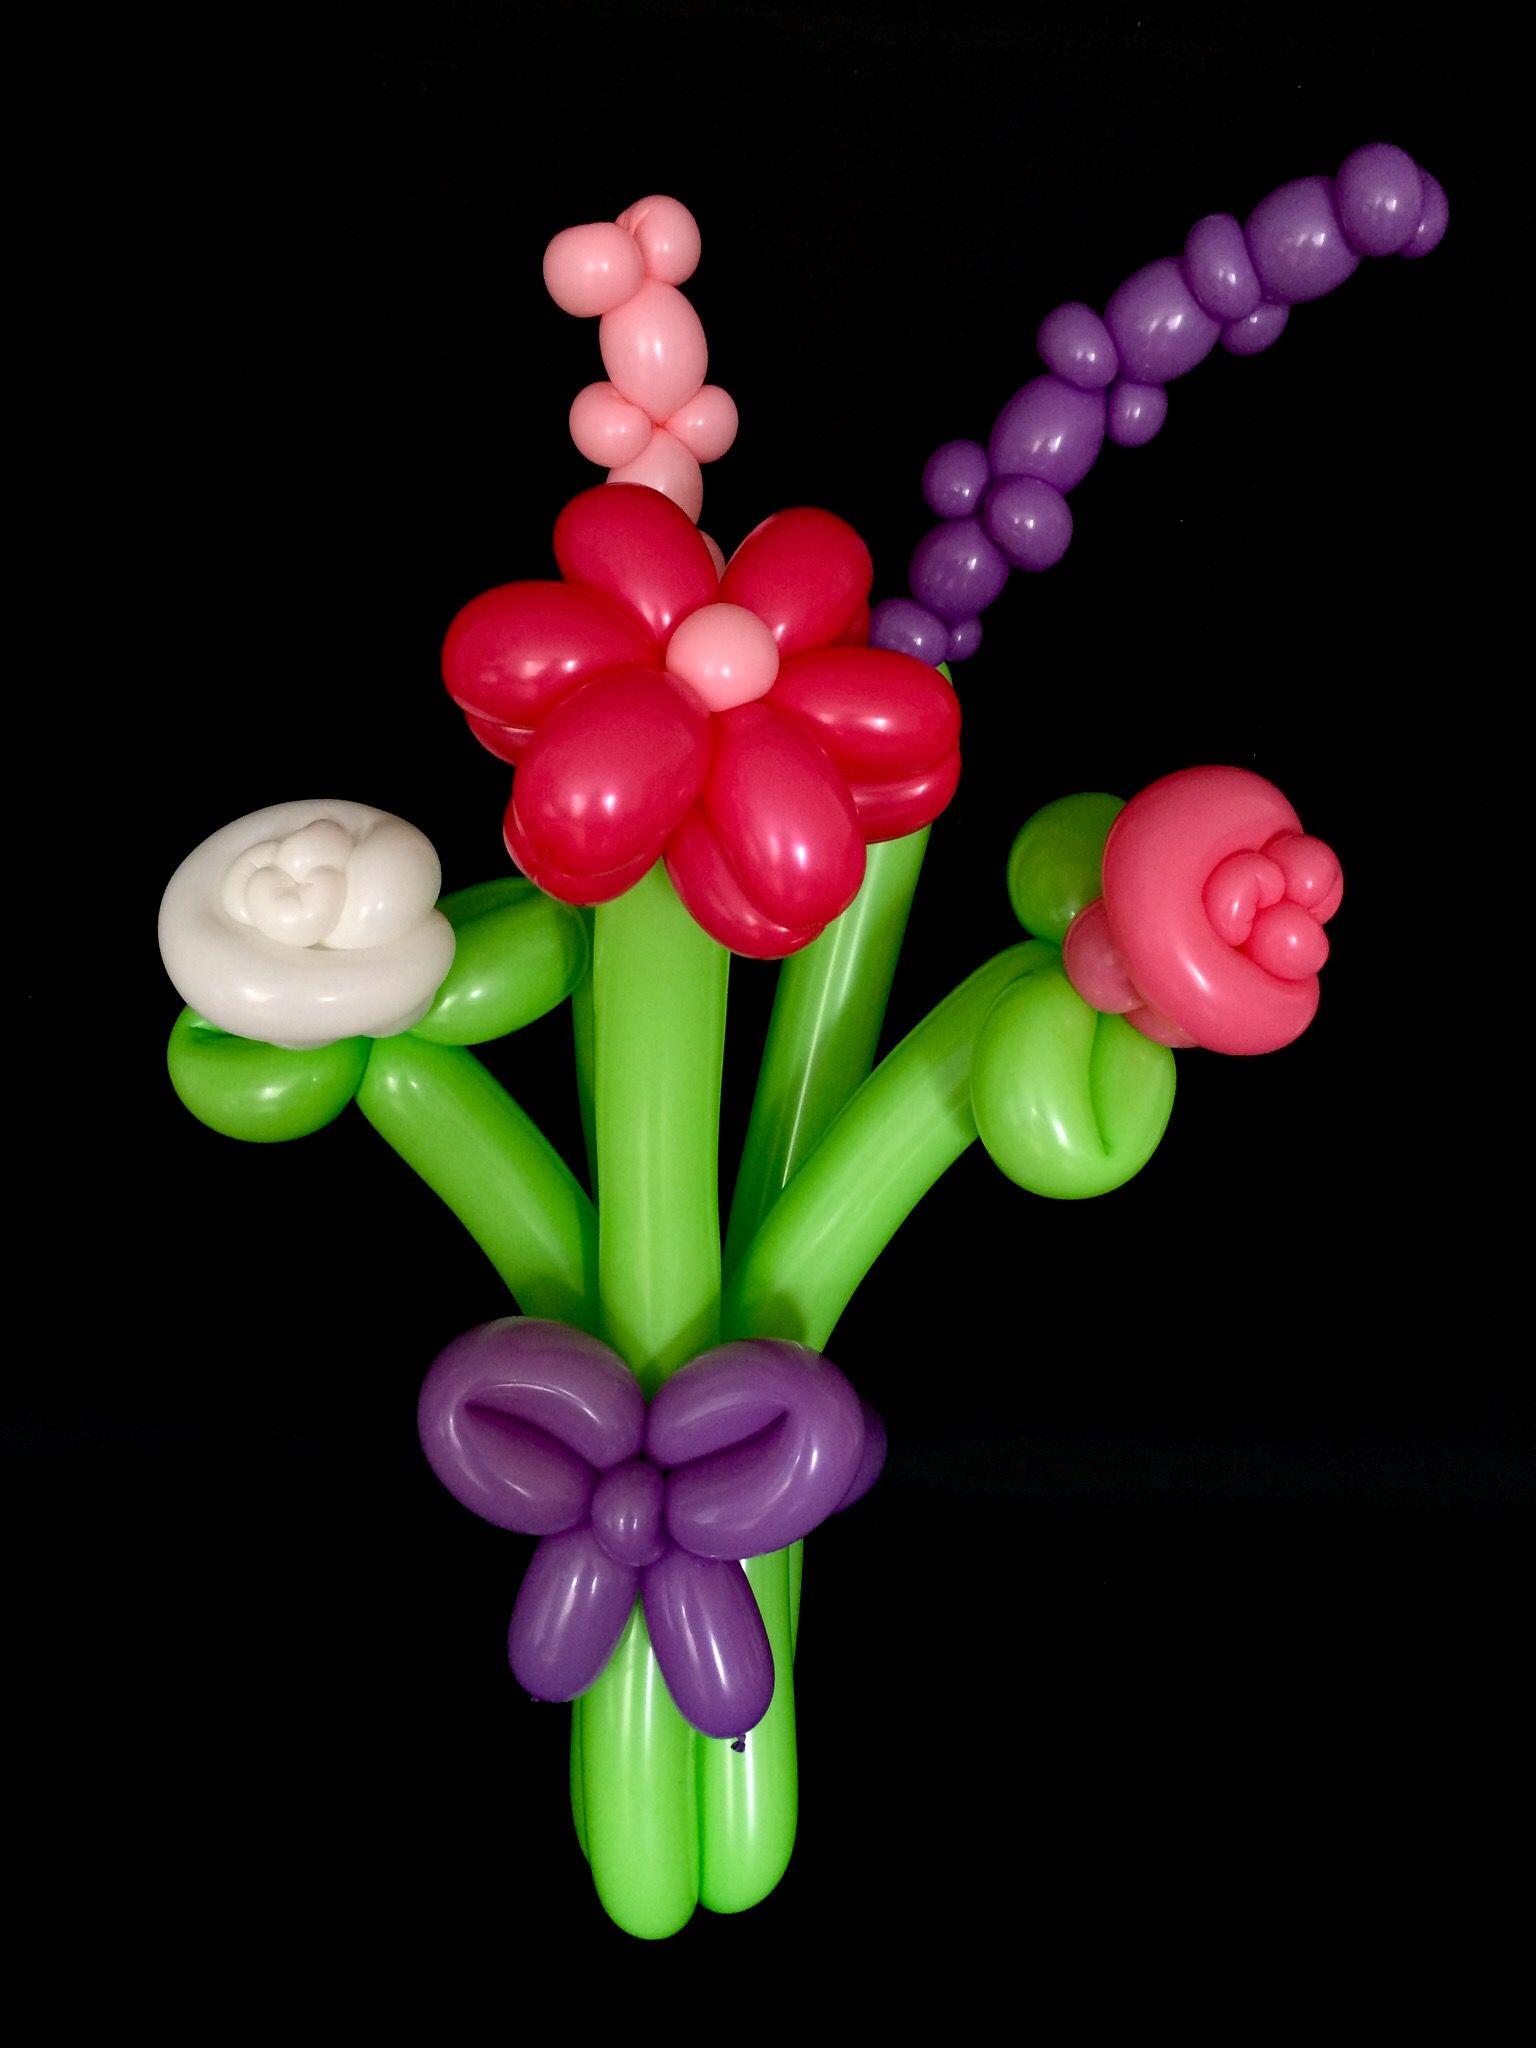 Flower Balloon Bouquet | 汽球 | Pinterest | Flower balloons, Troll ...